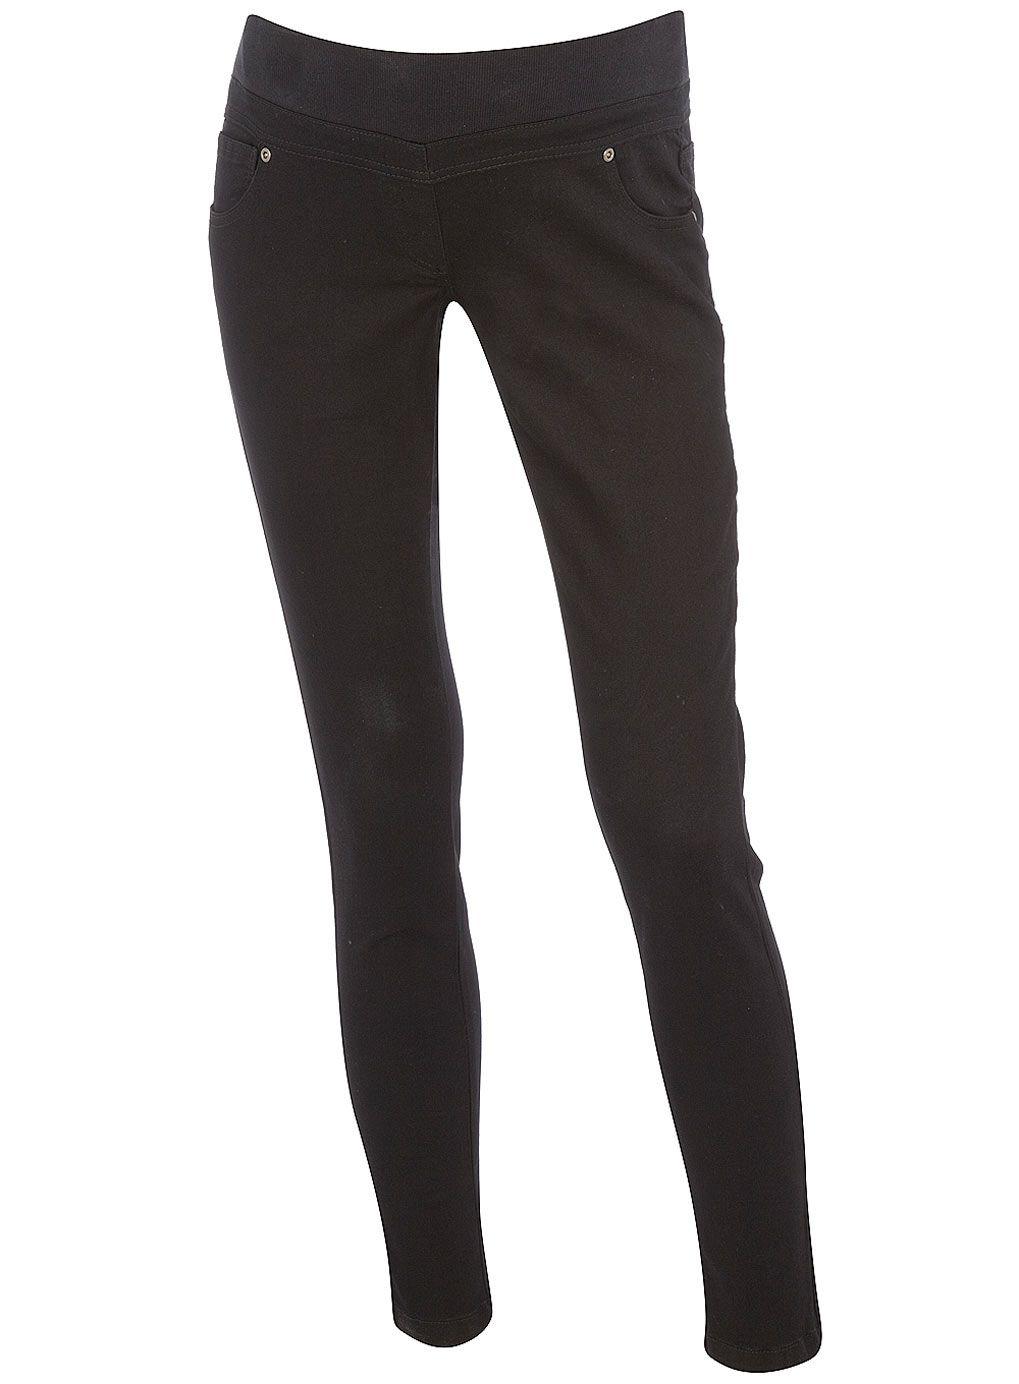 #Maternity black skinny jeans